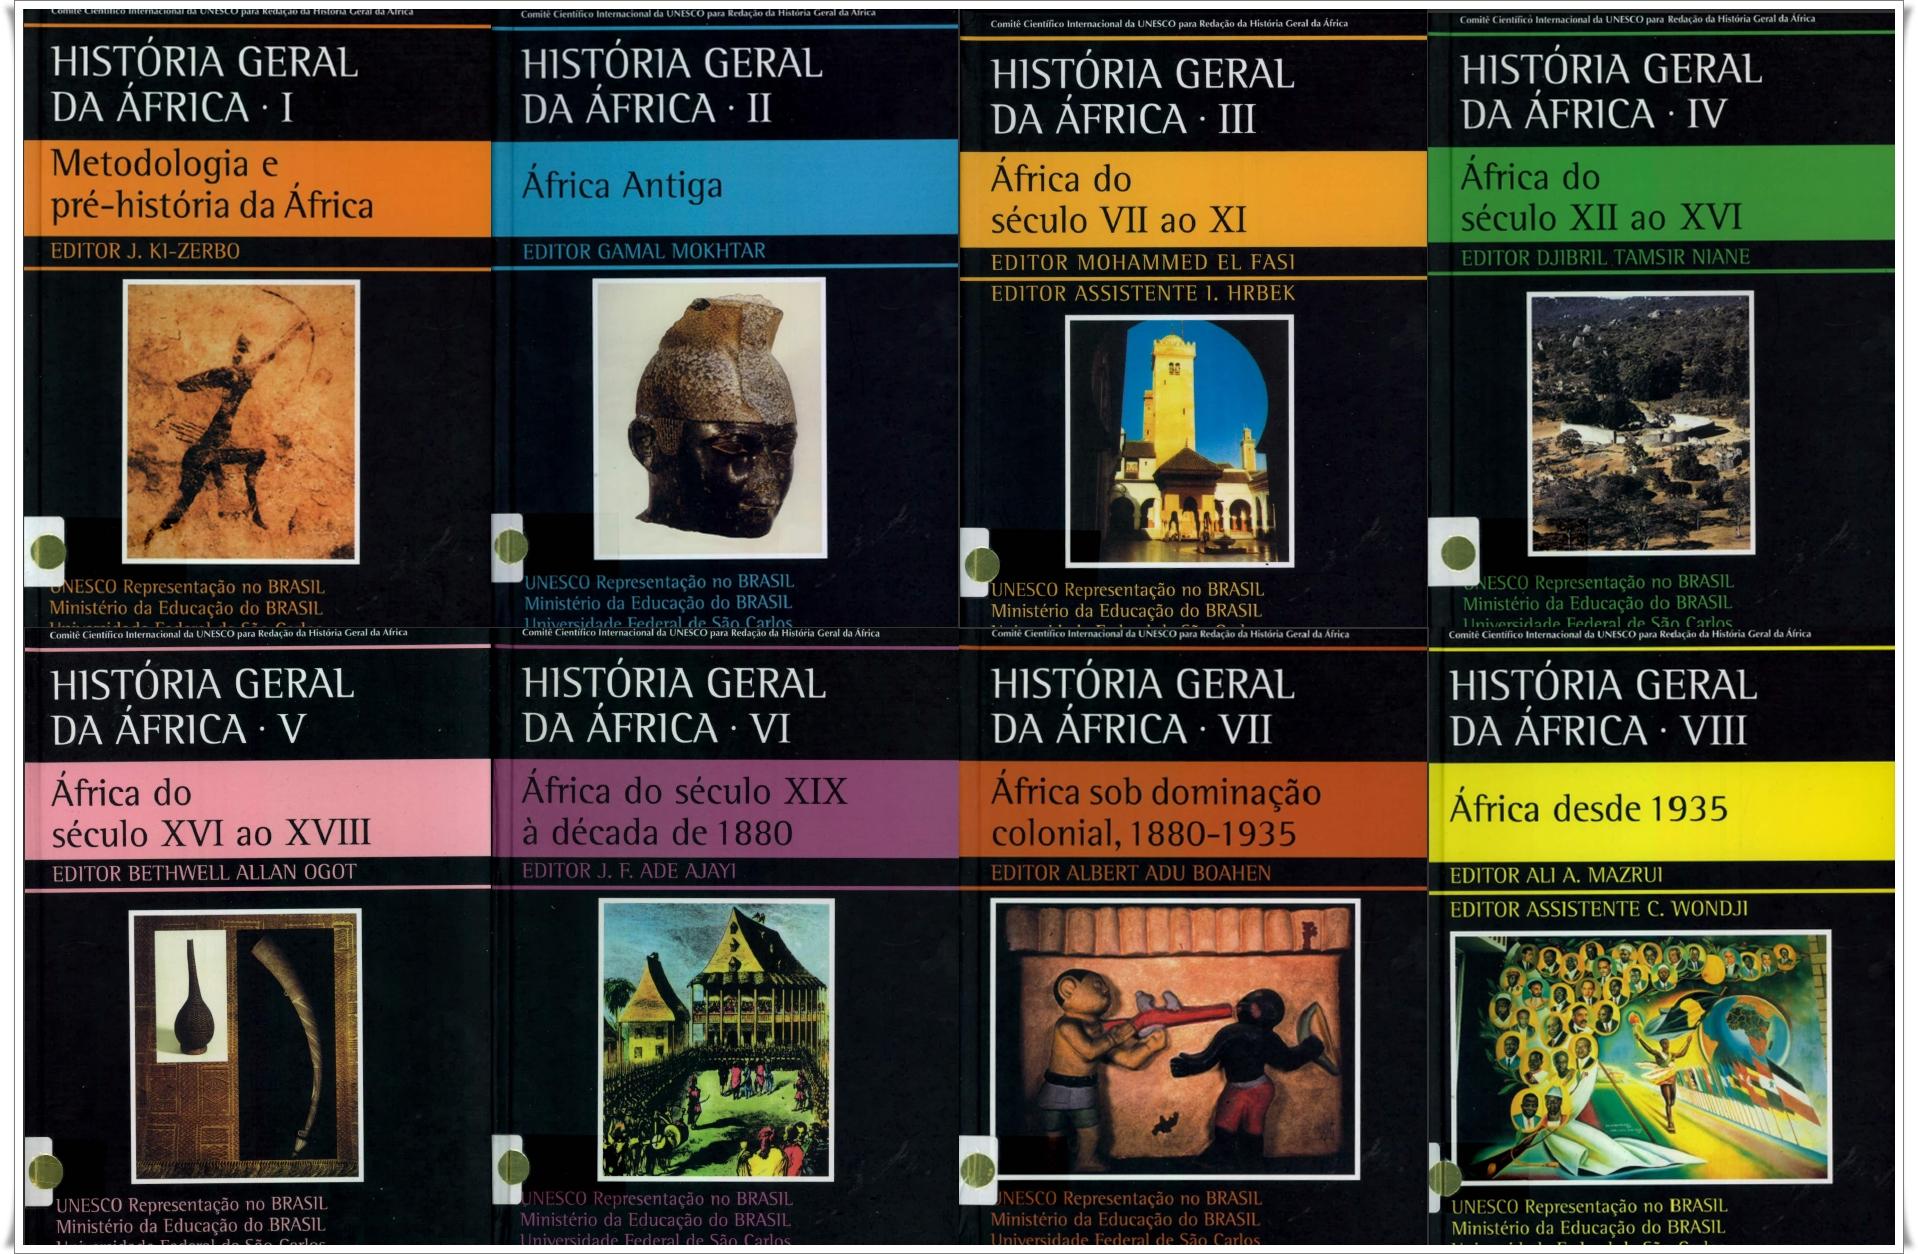 colecao-historia-geral-da-africa